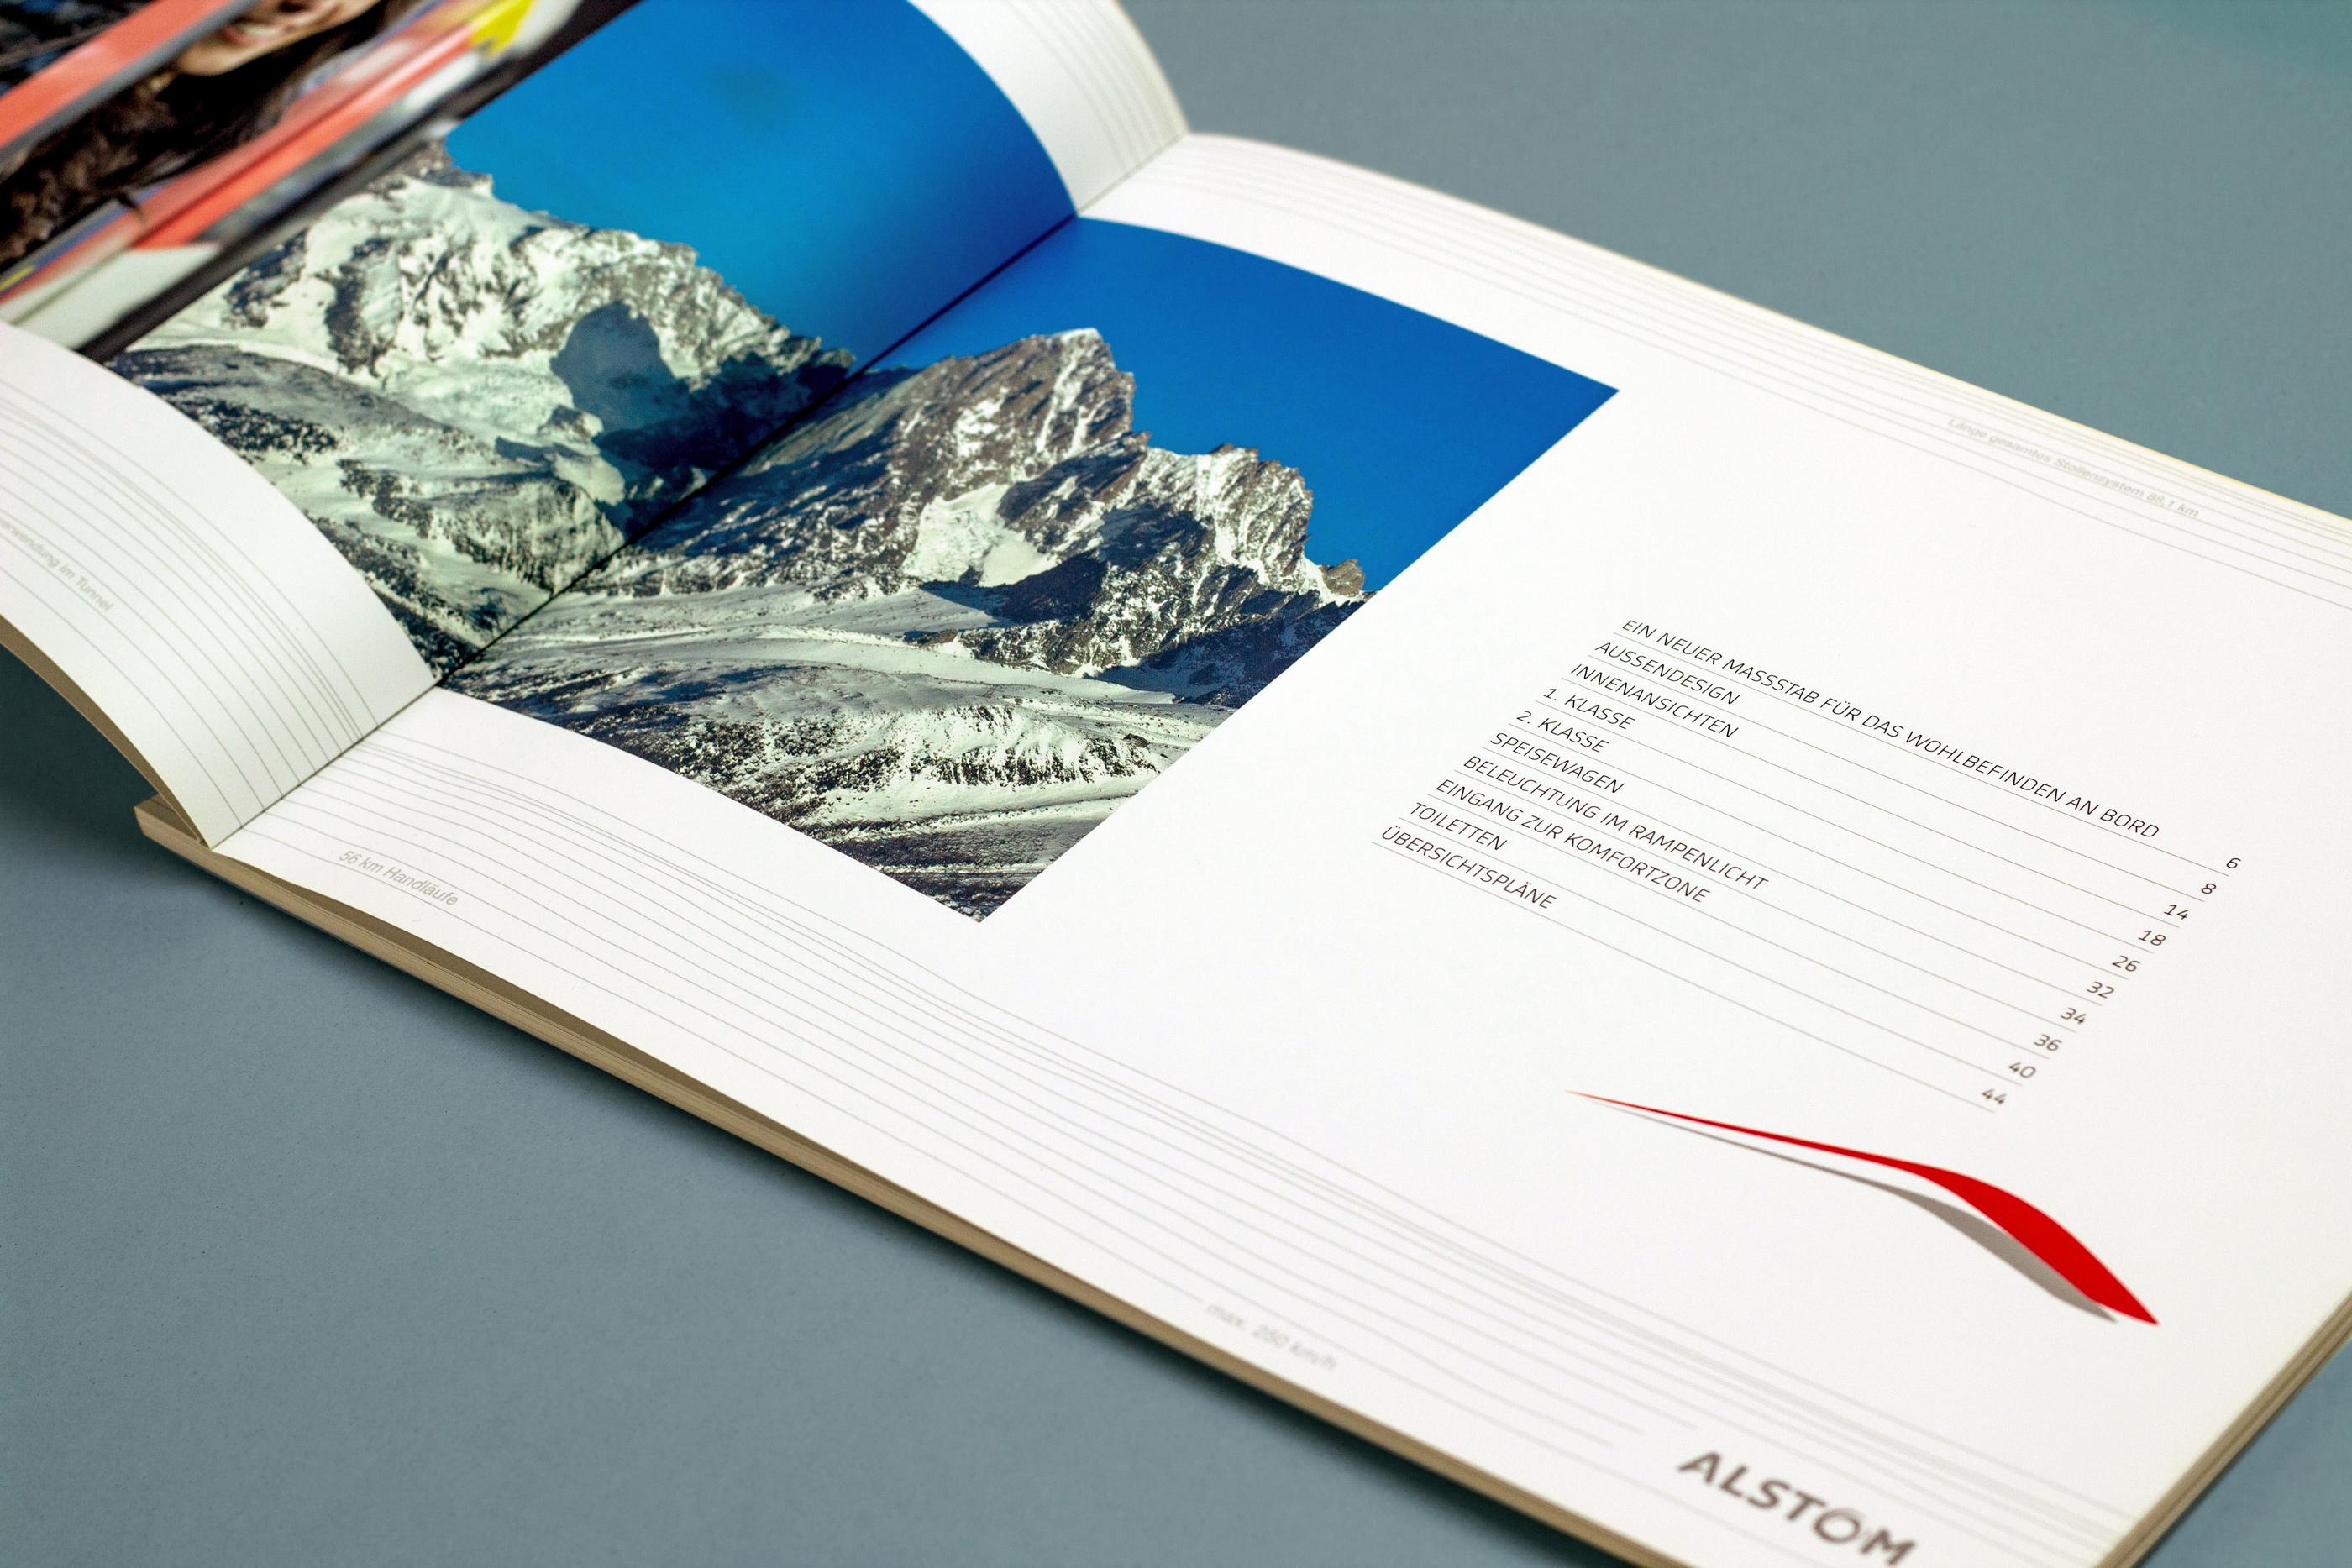 Alstom Transport Design book sommaire